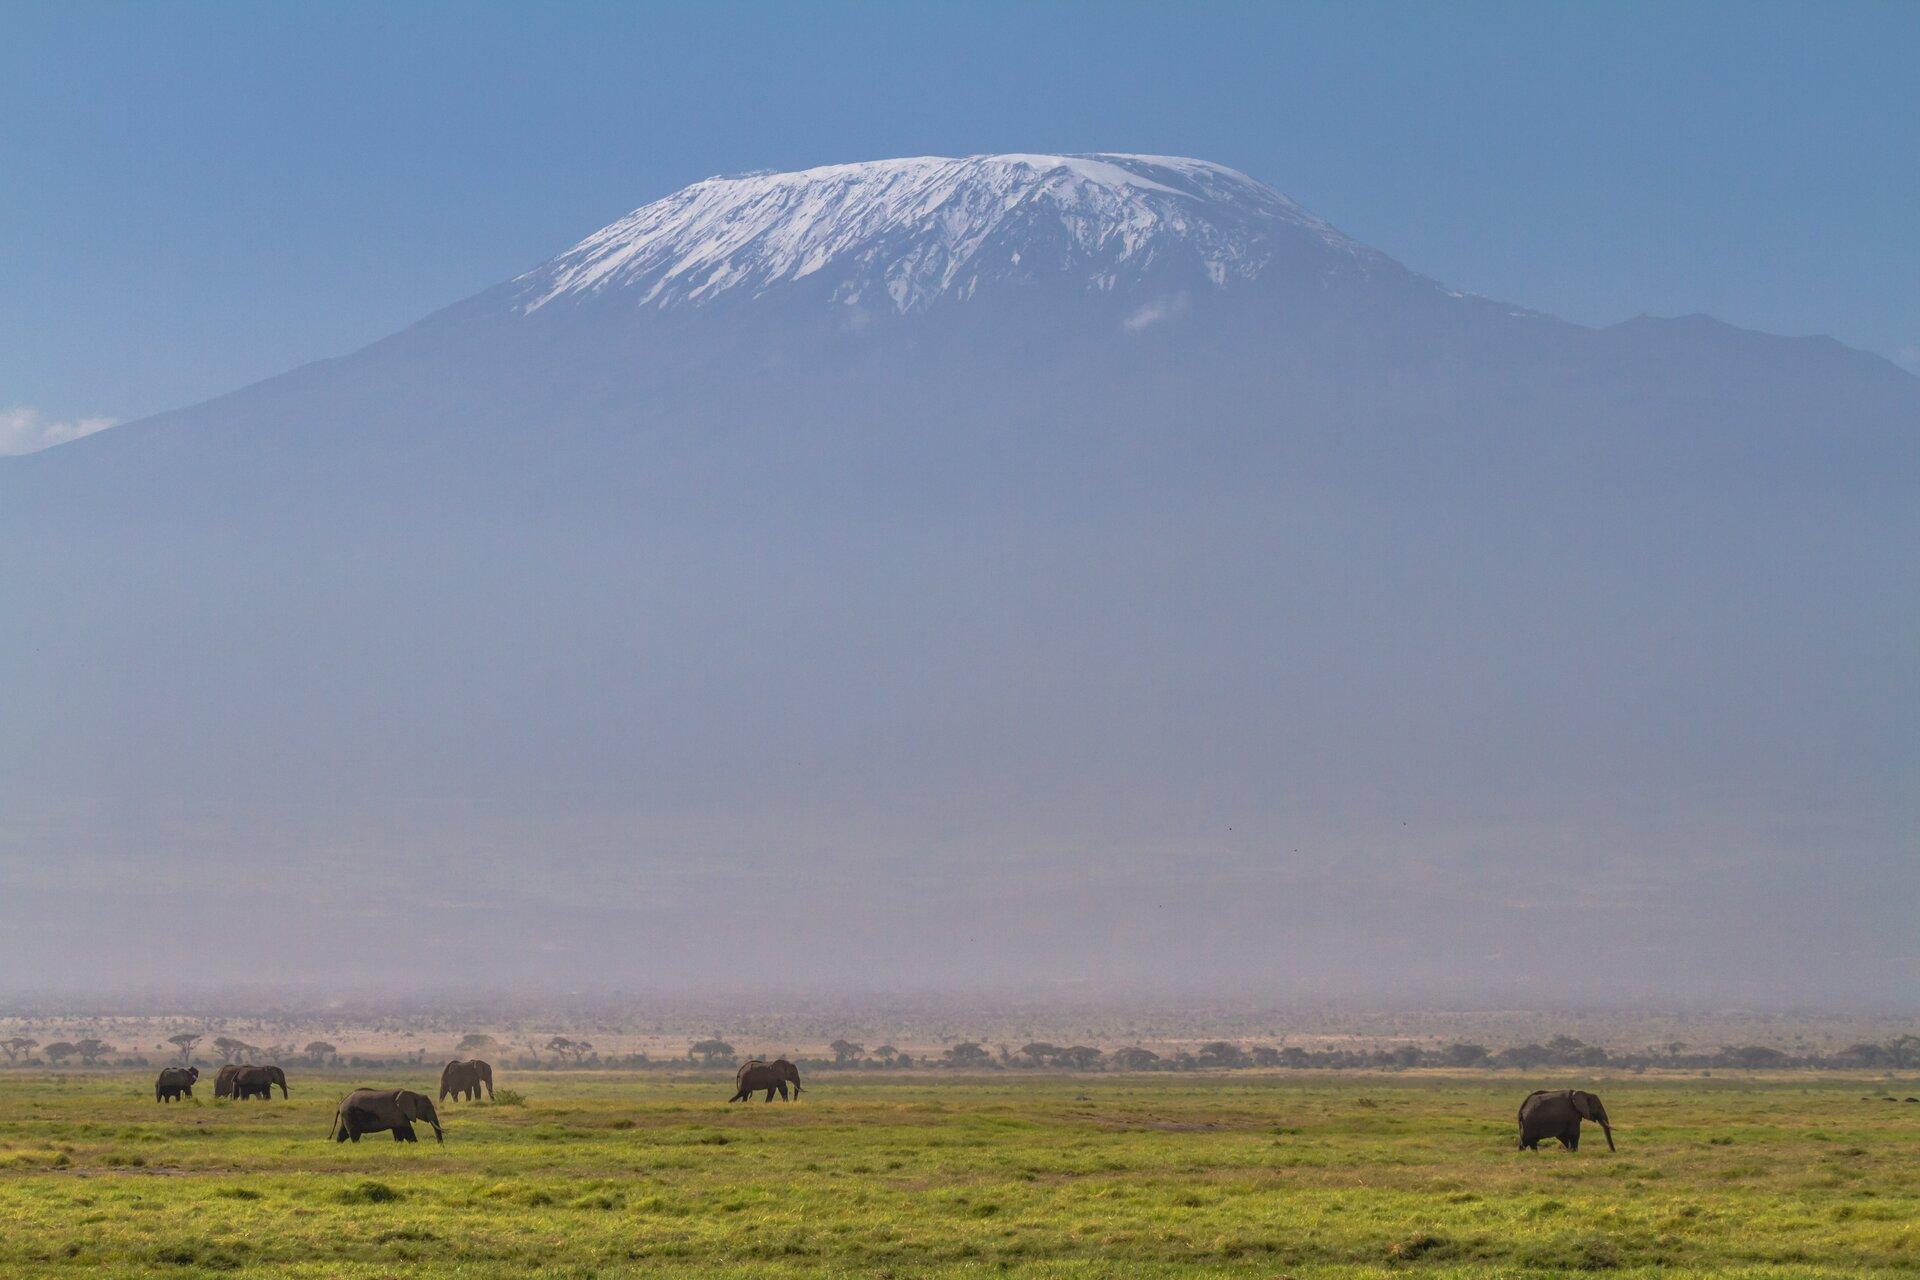 Zdjęcie przedstawia górę Kilimandżaro. Słoneczny dzień. Na pierwszym planie zielone liściaste drzewa ikrzewy gęsto porastające teren. Na drugim planie wysoki szczyt góry. Skalisty szczyt pokryty śniegiem. Góra wkształcie trapezu. Szczyt rozciąga się poziomo bez wyraźnego osobnego wierzchołka. Niebo błękitne.